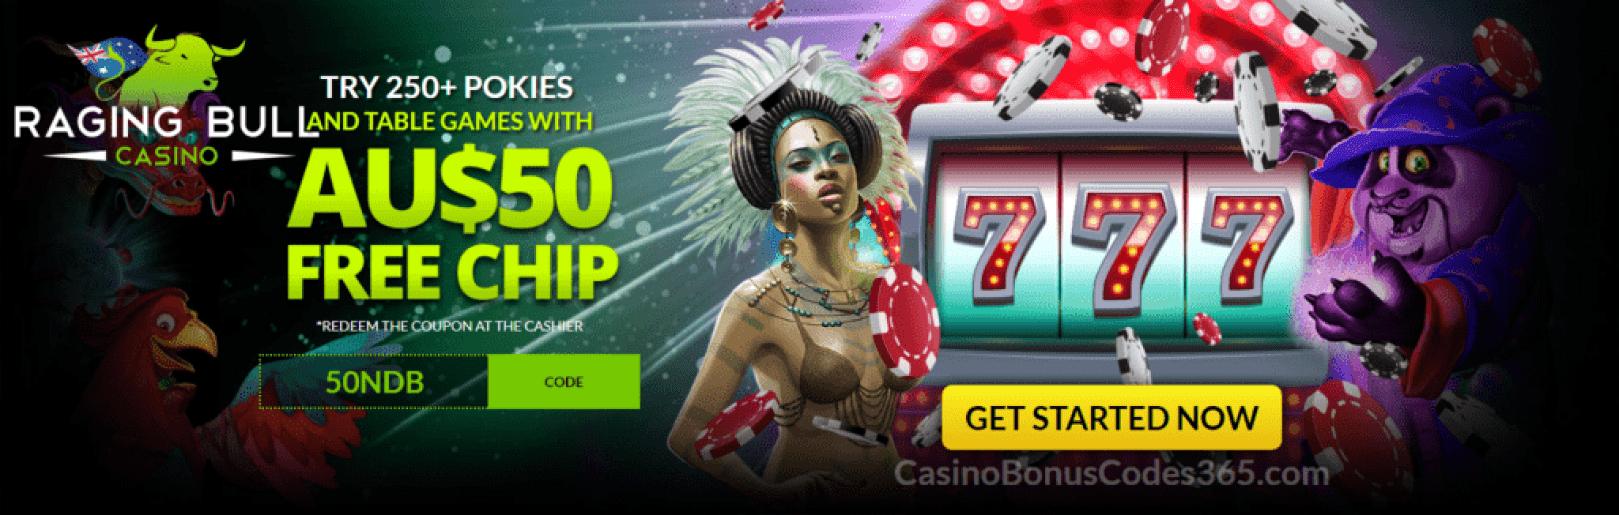 Raging Bull Casino $50 Welcome FREE Chip